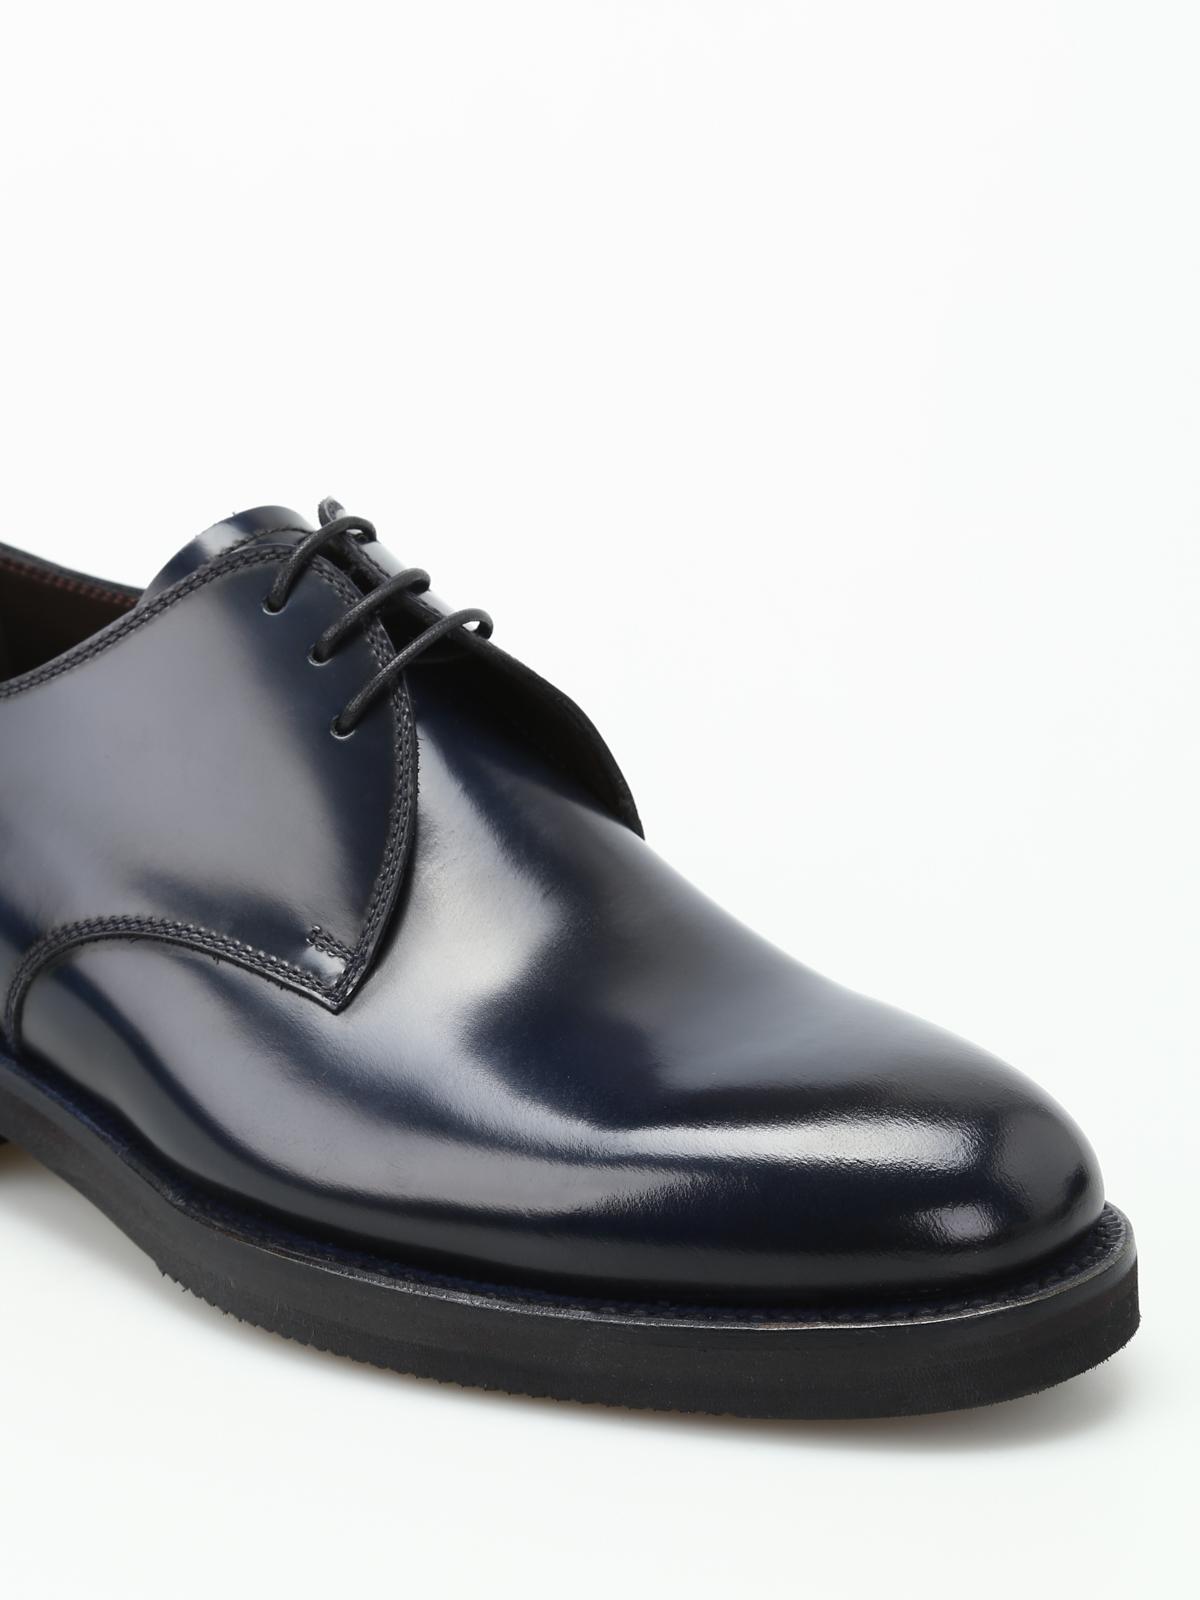 new styles 3a243 4e5f9 Barrett - Derby in pelle spazzolata blu - scarpe stringate ...